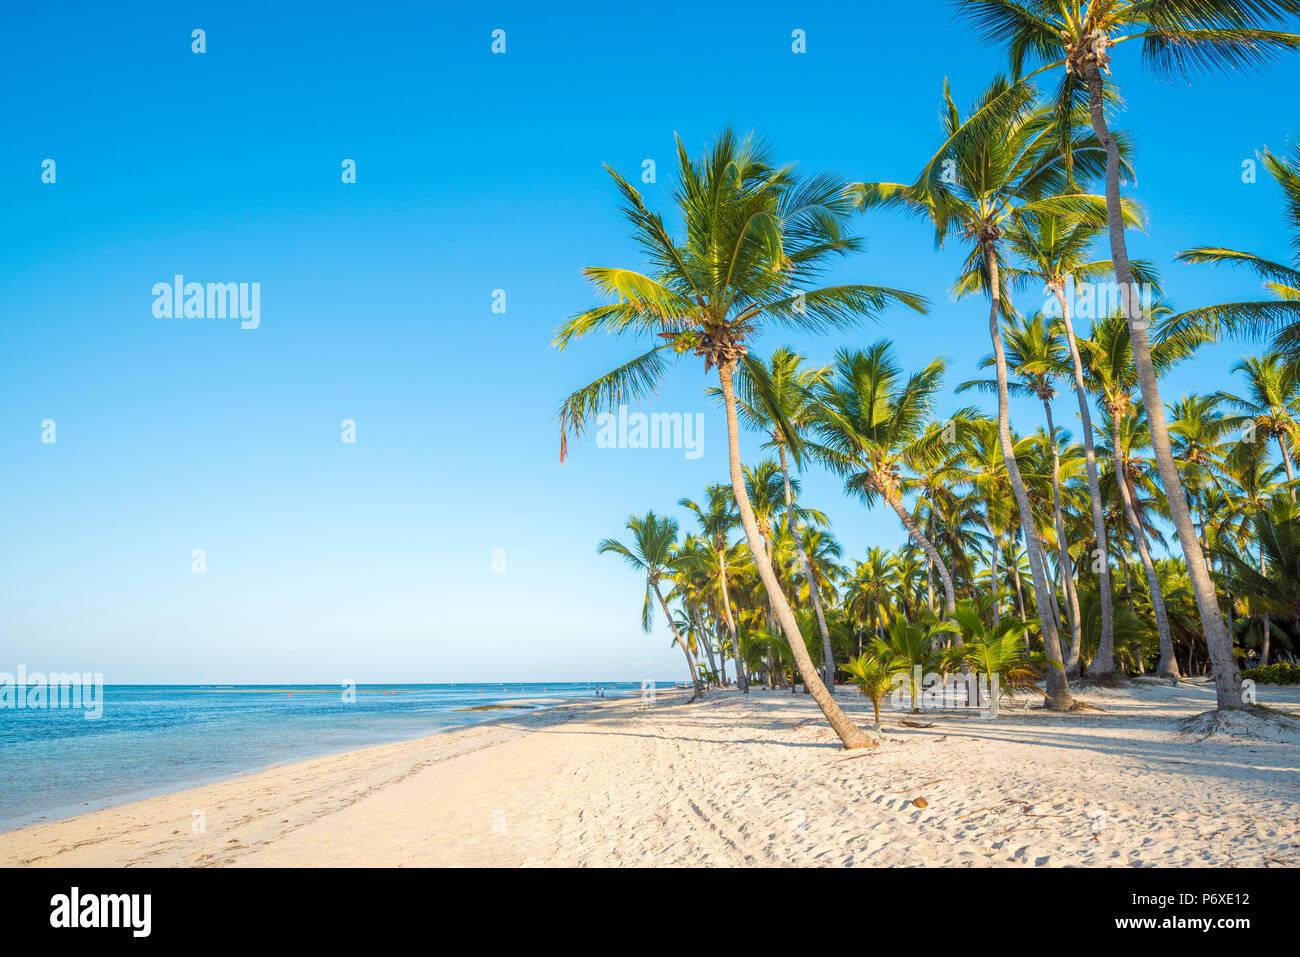 Cabeza de Toro beach, Punta Cana, Repubblica Dominicana. Immagini Stock